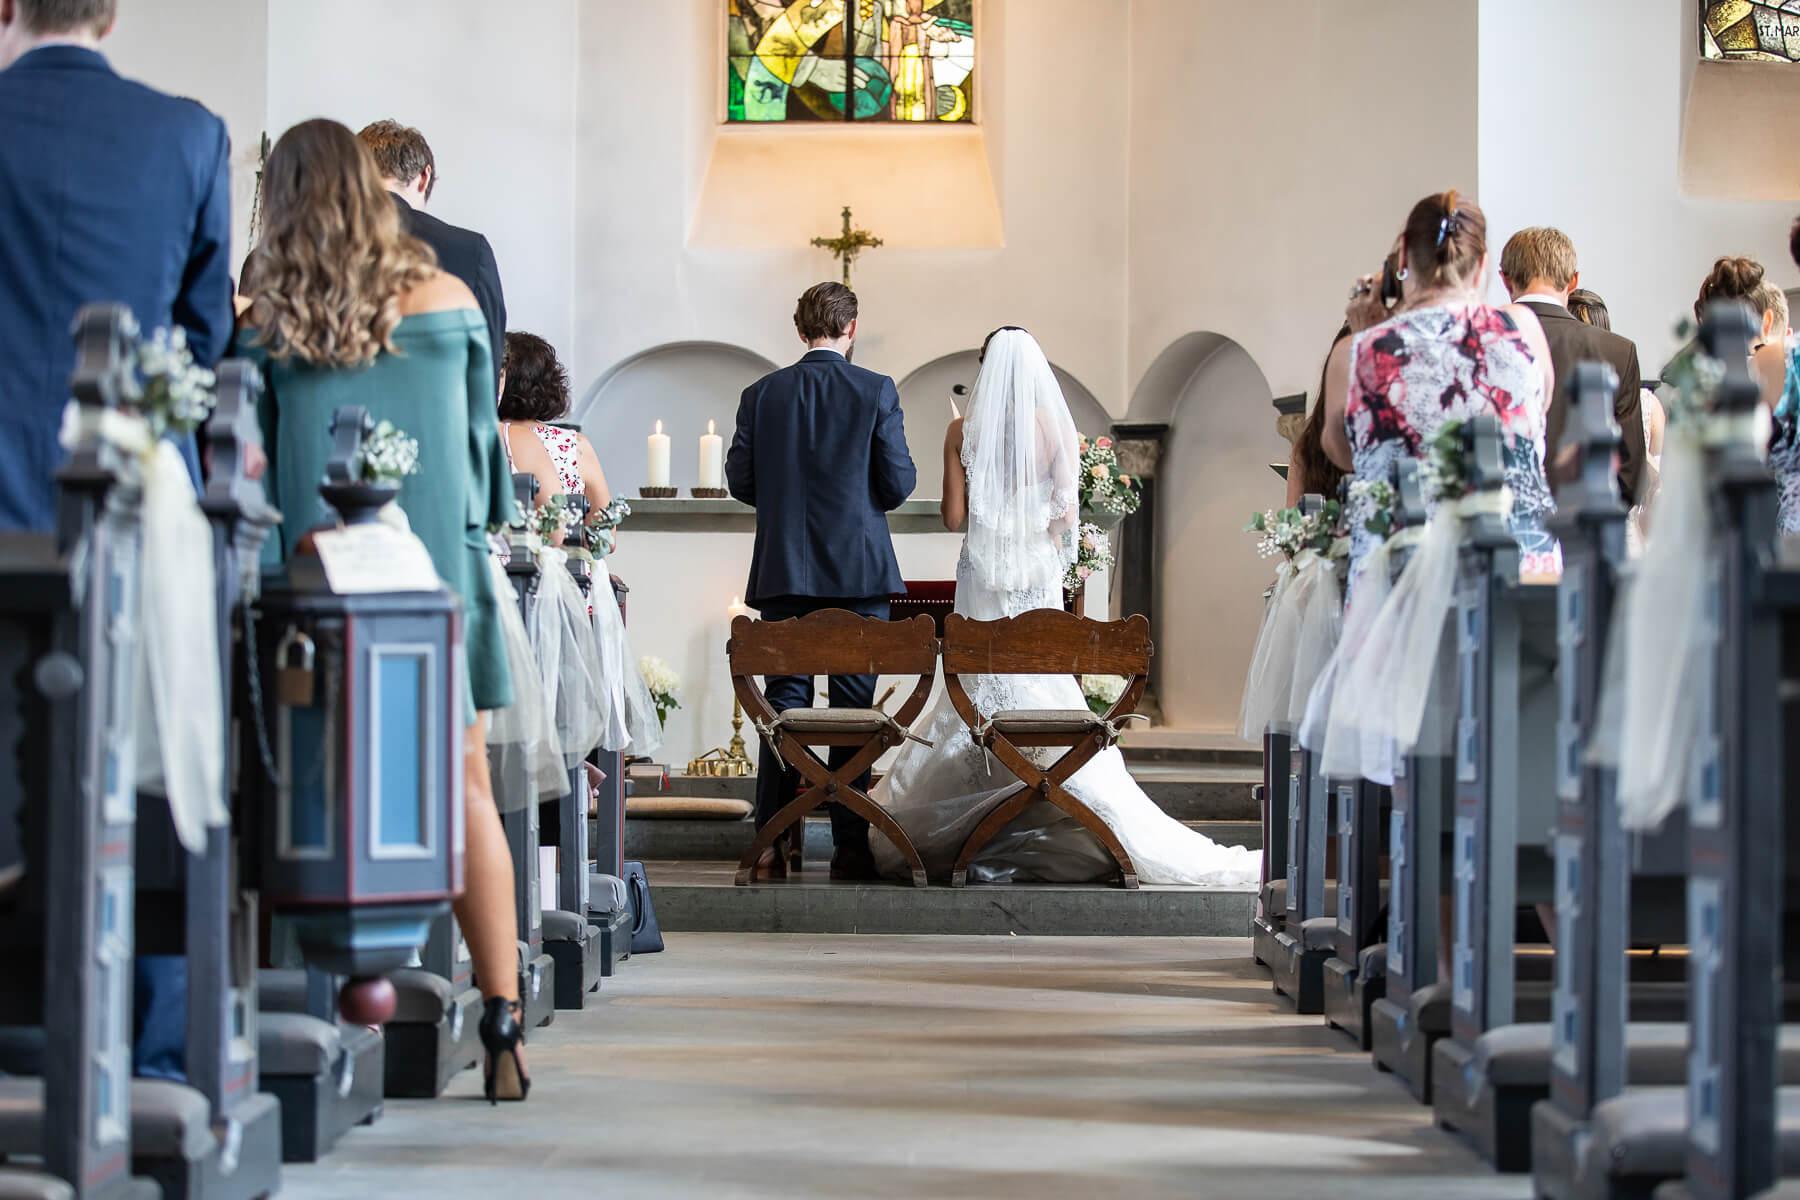 Hochzeitsreportage   Fotograf  Hochzeit   Schloss  Burg   Solingen 05